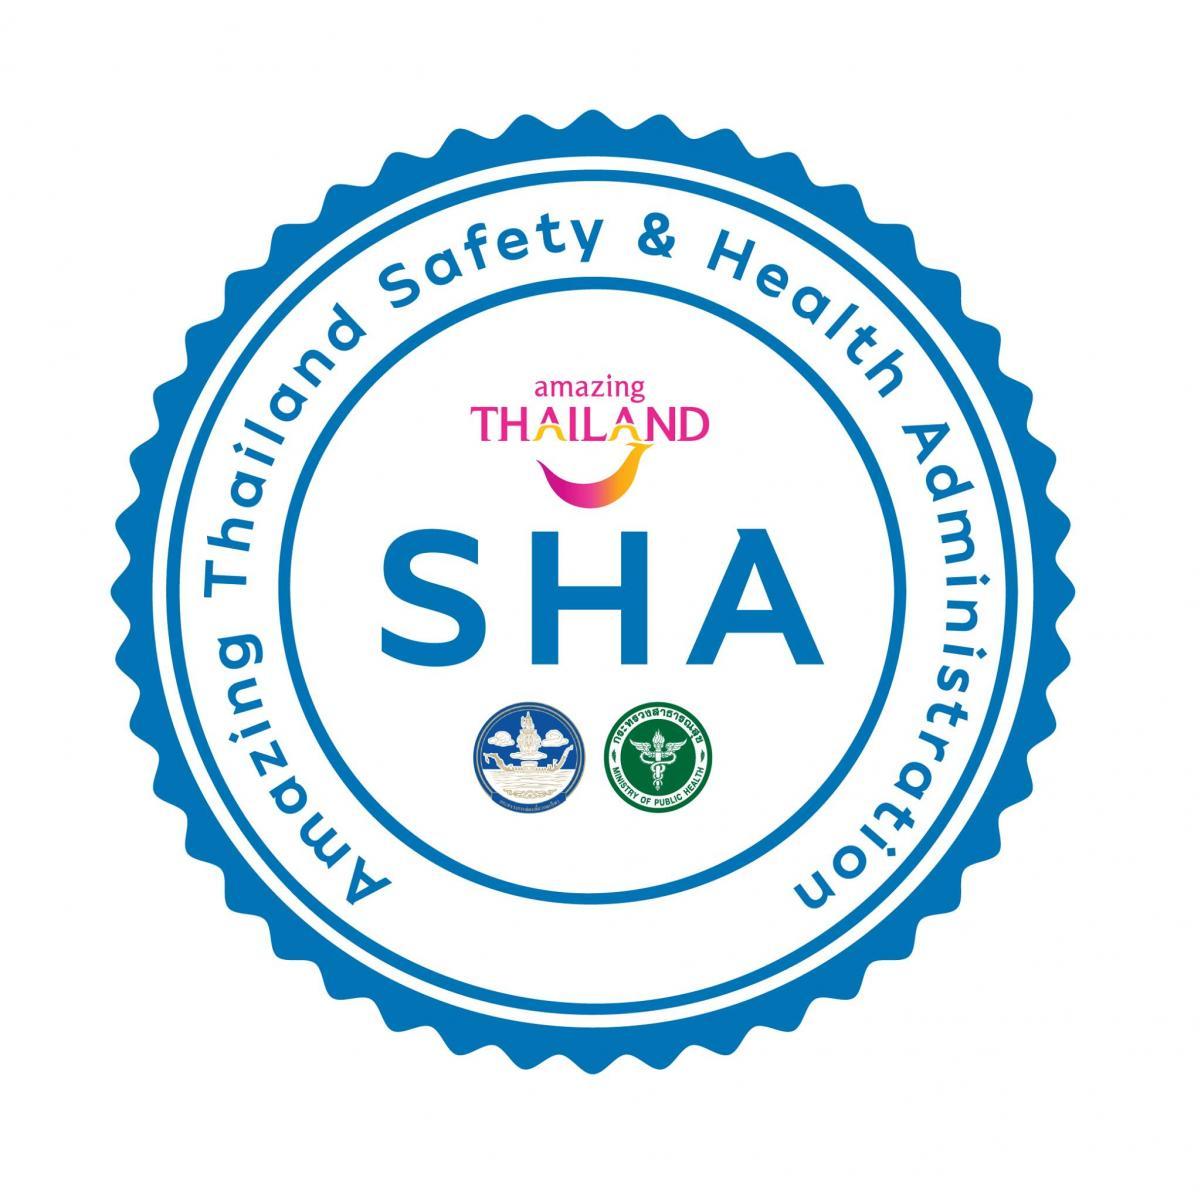 กรีน นิมมาน ซีเอ็มยู เรสซิเดนซ์ ได้รับการรับรองพร้อมตราสัญลักษณ์มาตรฐาน SHA ประเภทโรงแรม/ที่พักและสถานที่จัดประชุมจากการท่องเที่ยวแห่งประเทศไทย (ททท.)